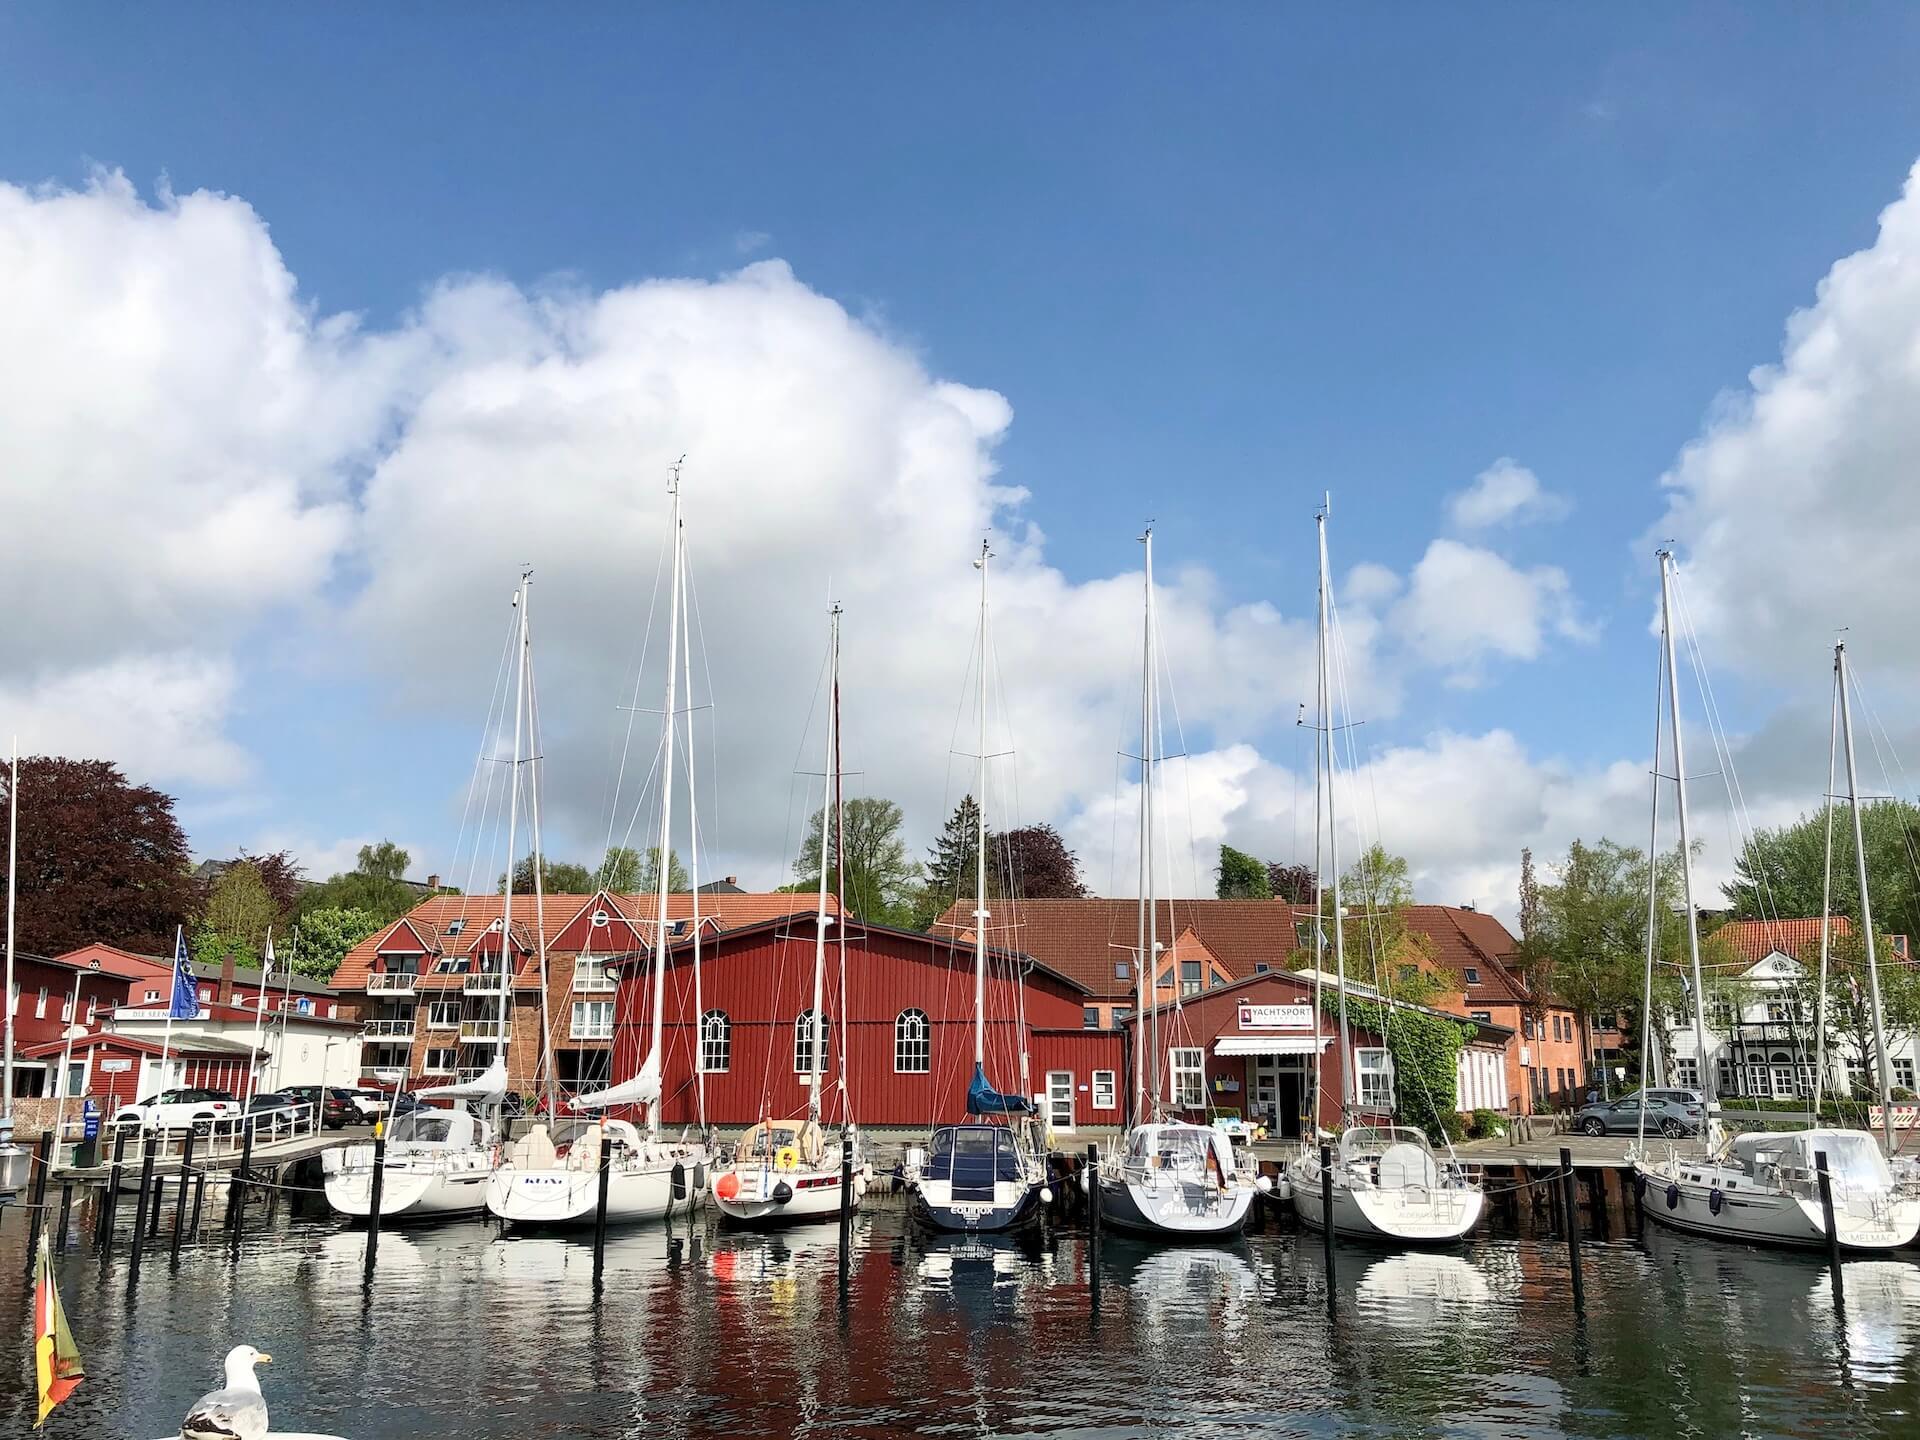 Der Hafen von Eckernförde mit Booten